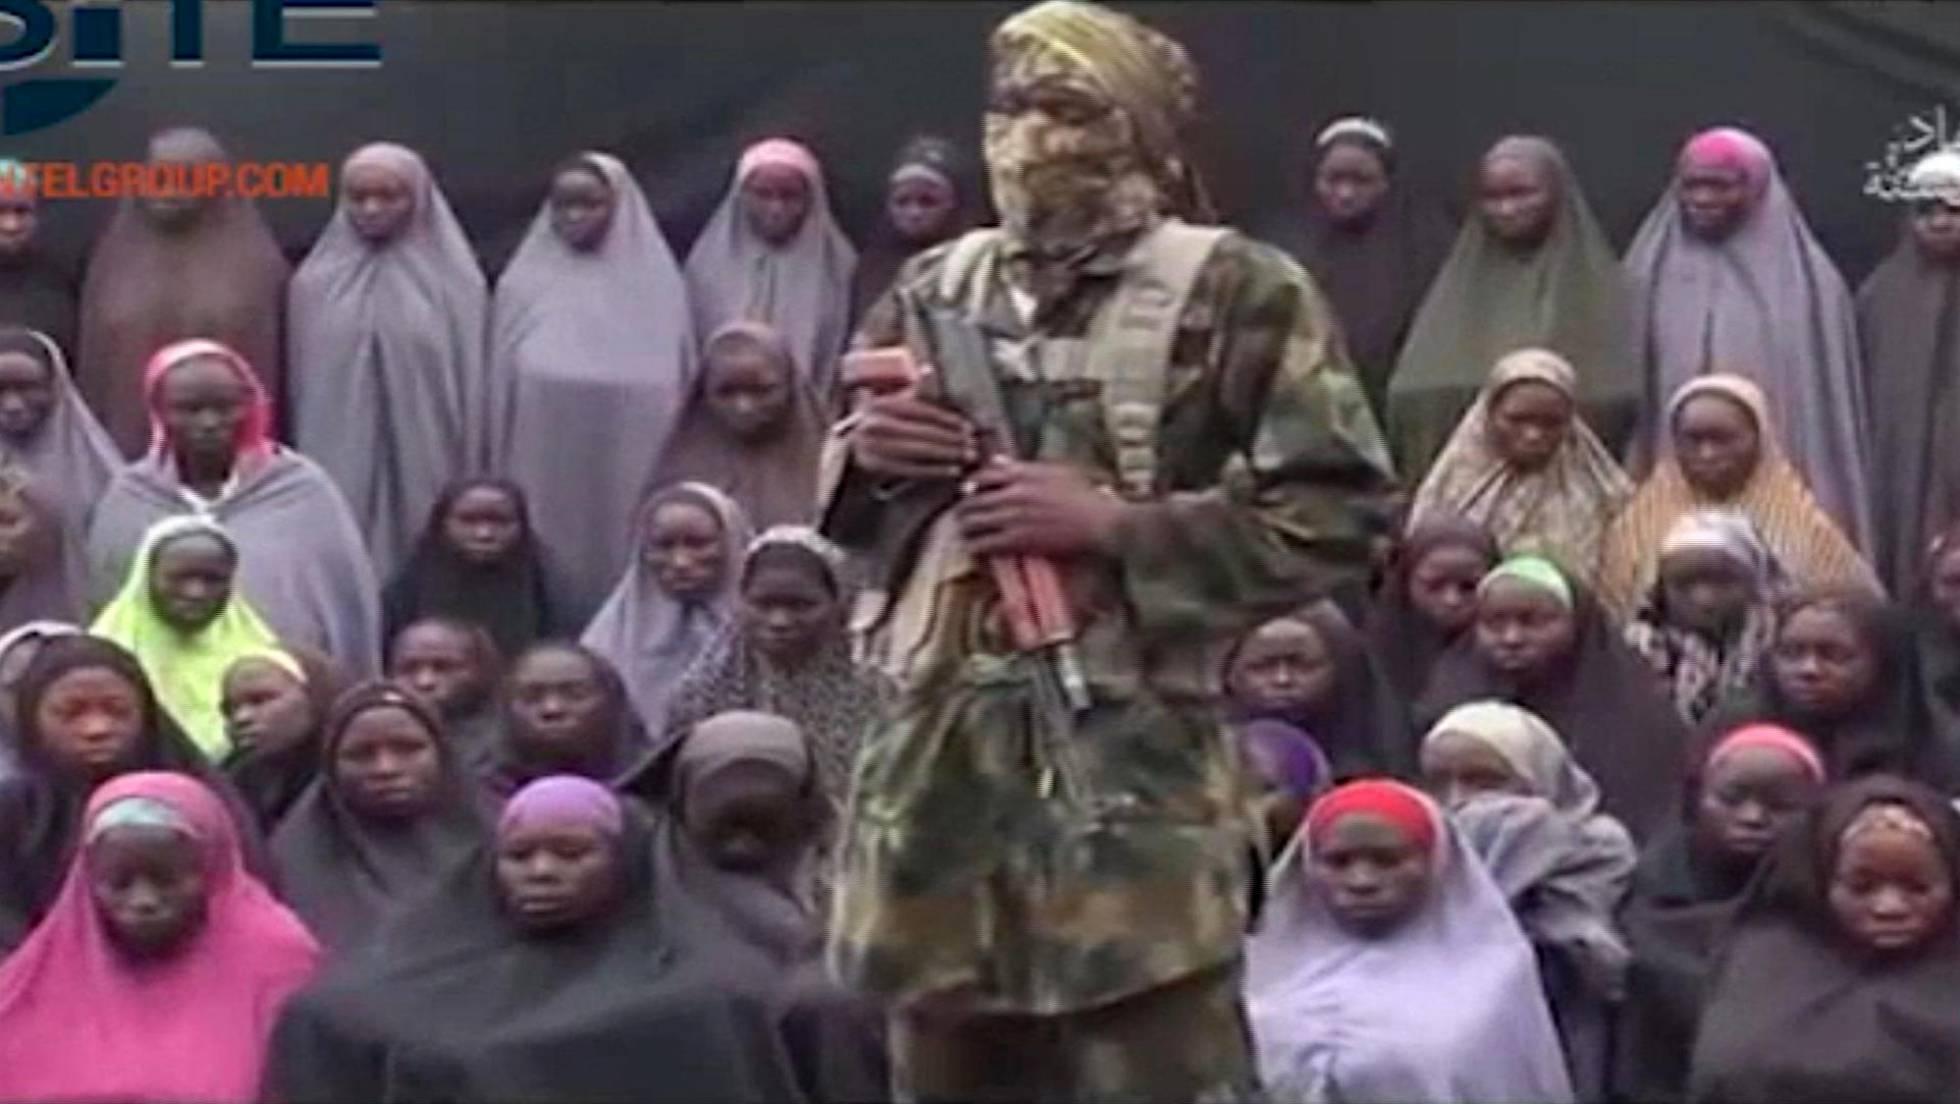 Conflicto armado en Nigeria - Página 5 1471182434_242814_1471195865_noticia_normal_recorte1